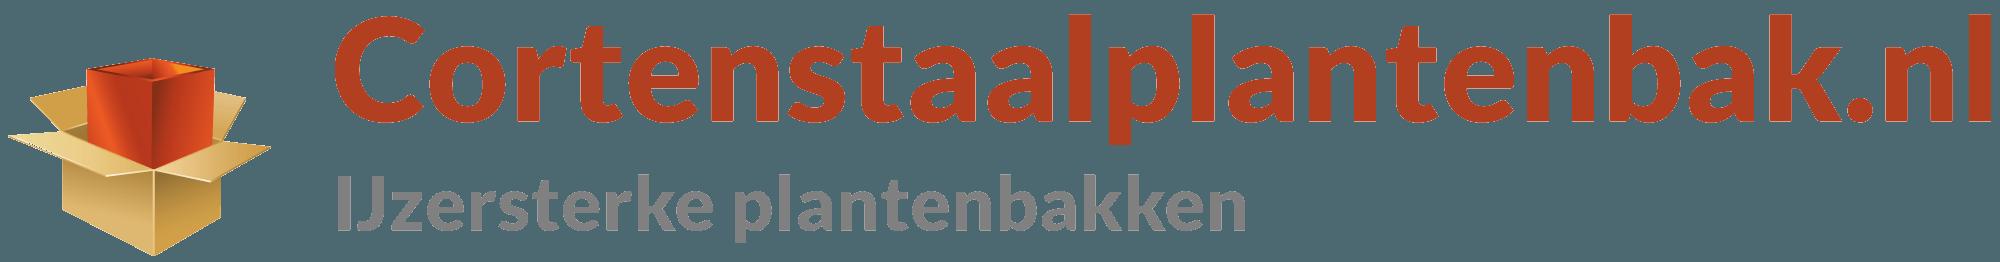 cortenstaal plantenbak.nl